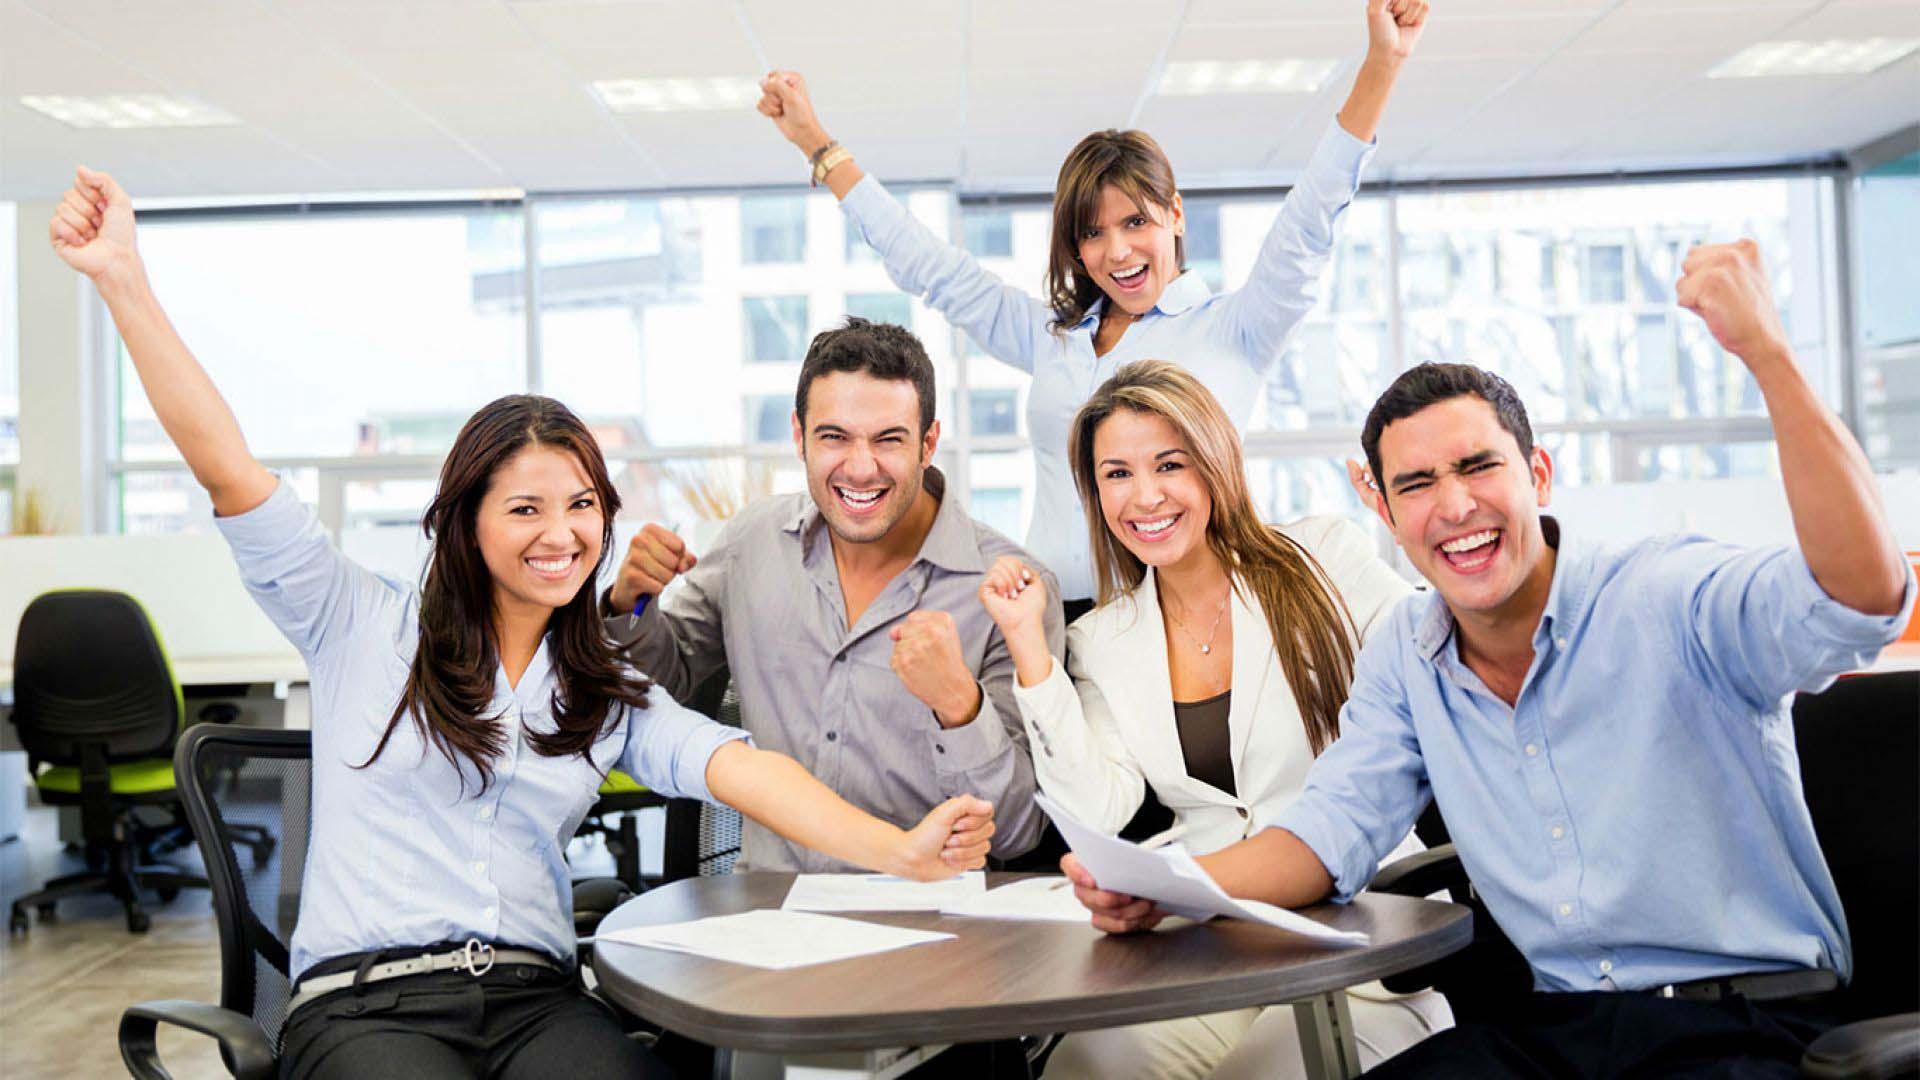 Бесплатный вебинар: Как создать идеальную команду и эффективное взаимодействие в ней